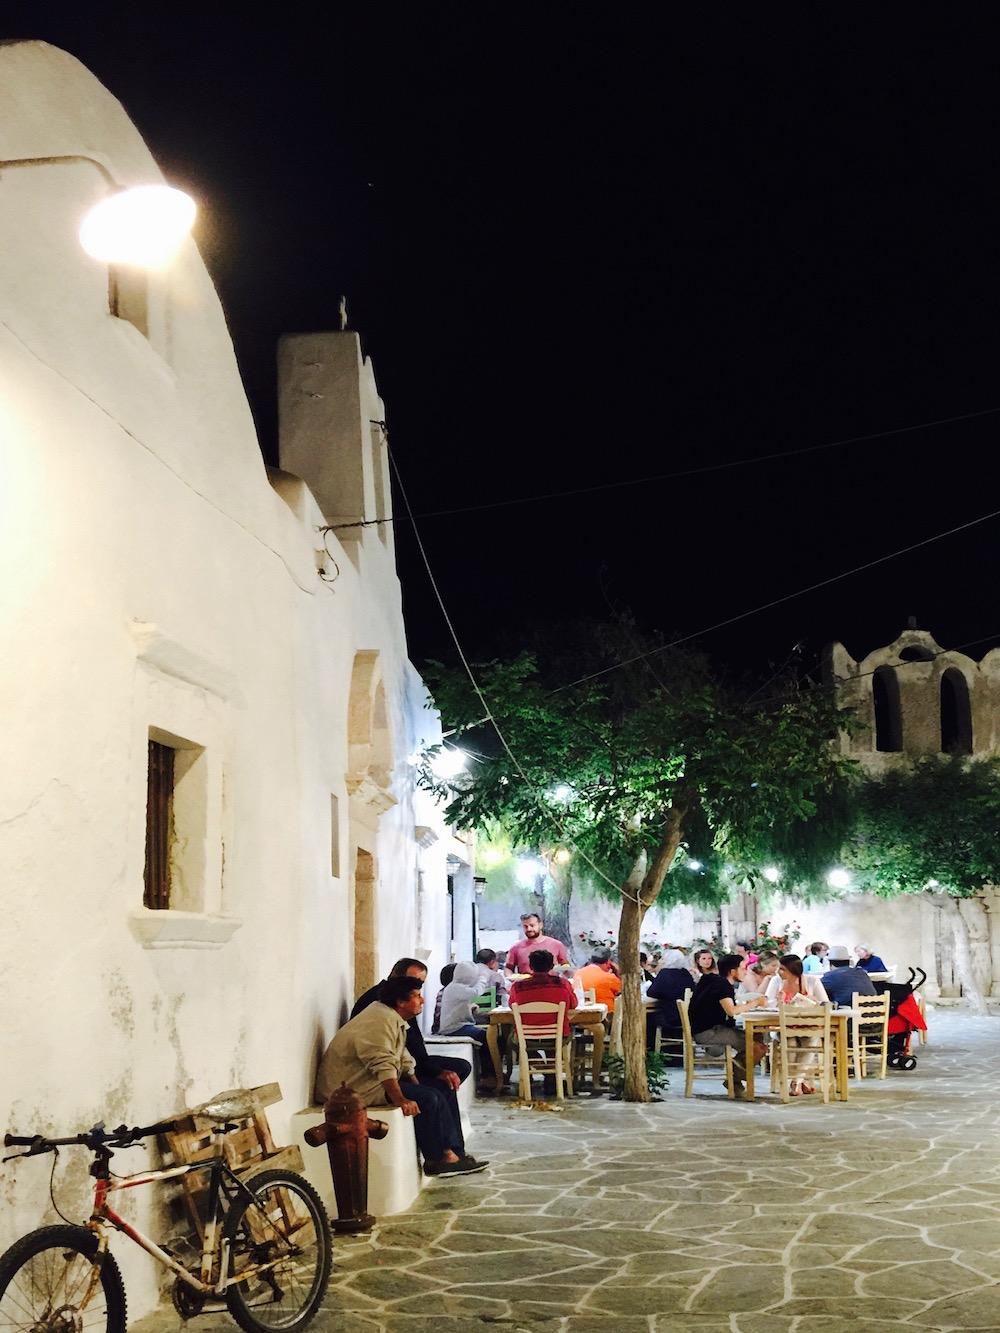 Chora, Folegandros, Cyclades